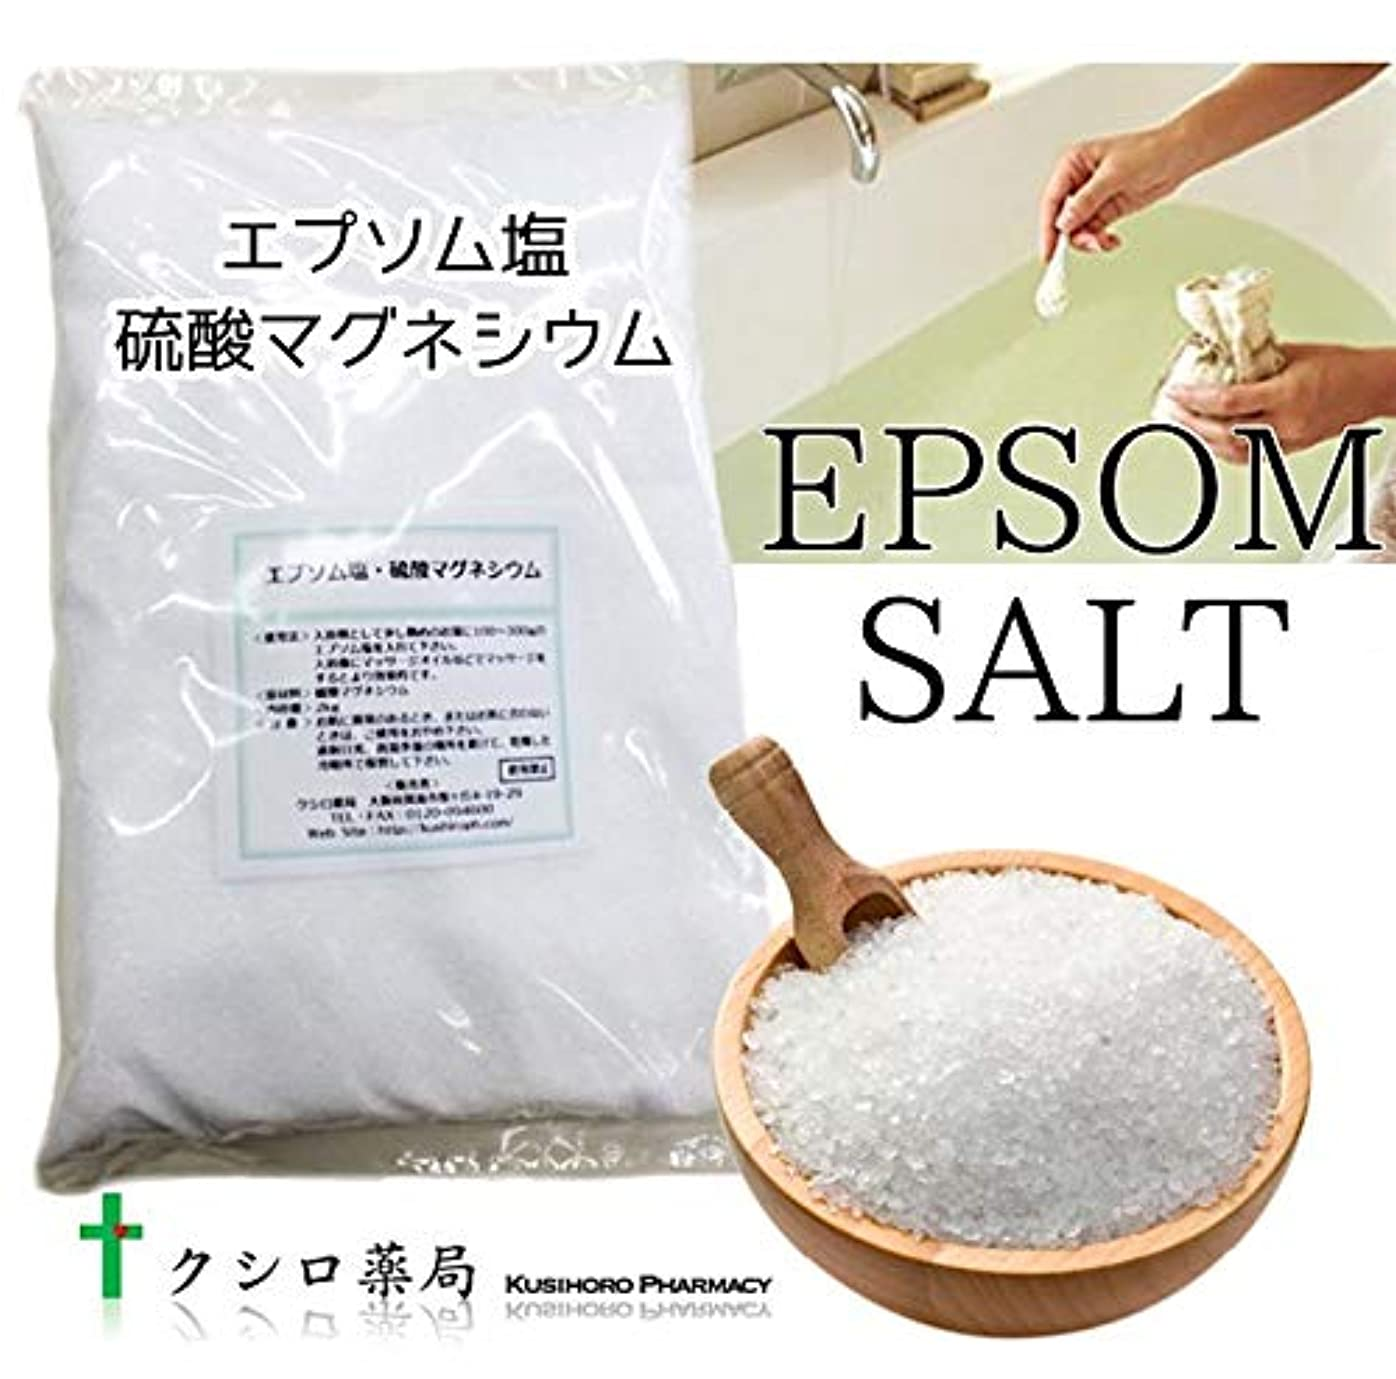 アジア人証書すべきエプソム塩?硫酸マグネシウム 2kg 【クシロ薬局エプソム塩?硫酸マグネシウム Epsom Salt】 (5袋)